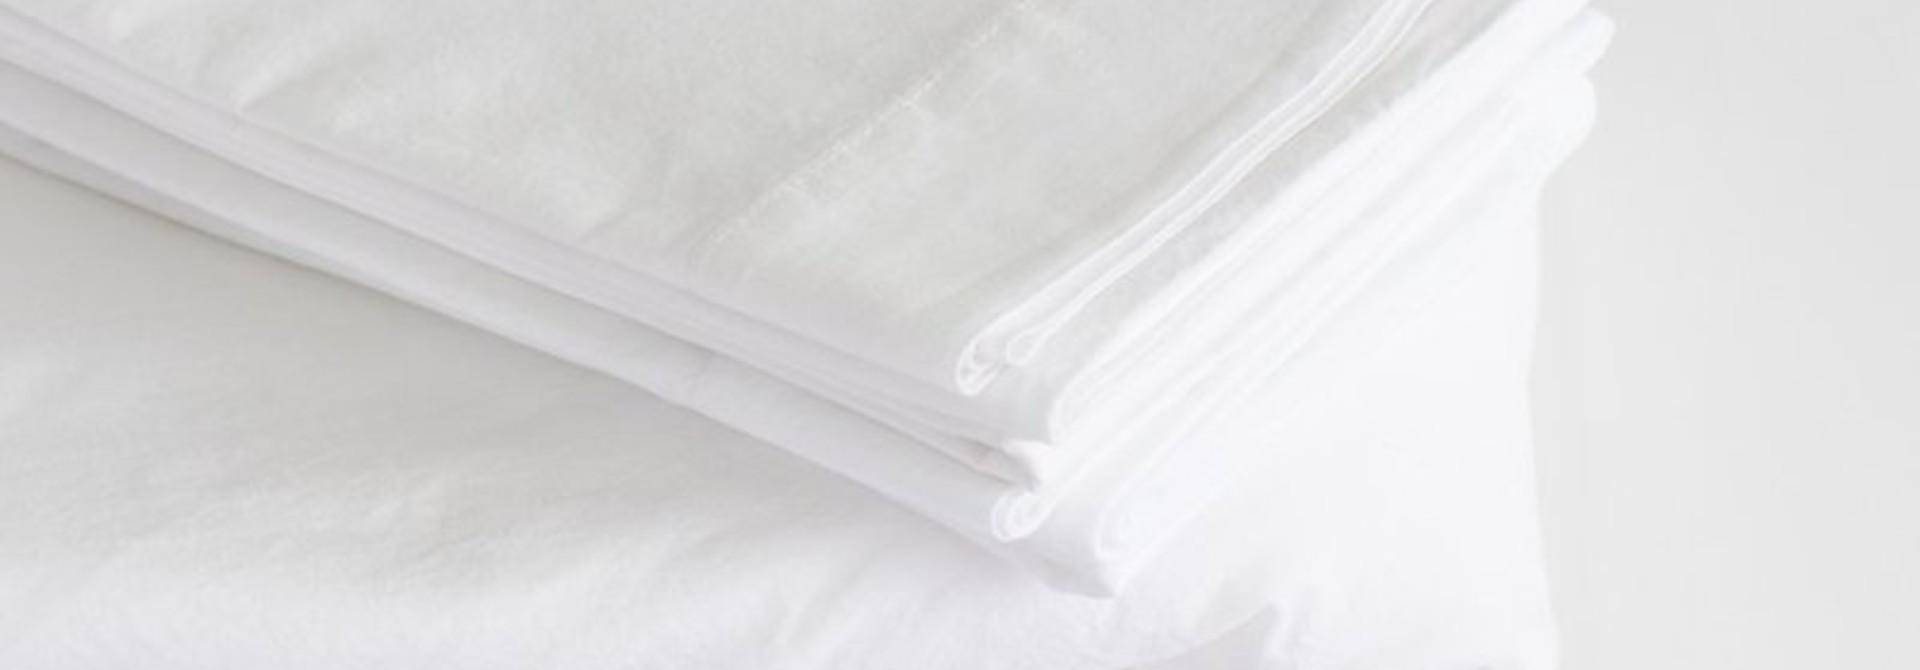 Duvet Cover - Queen- White